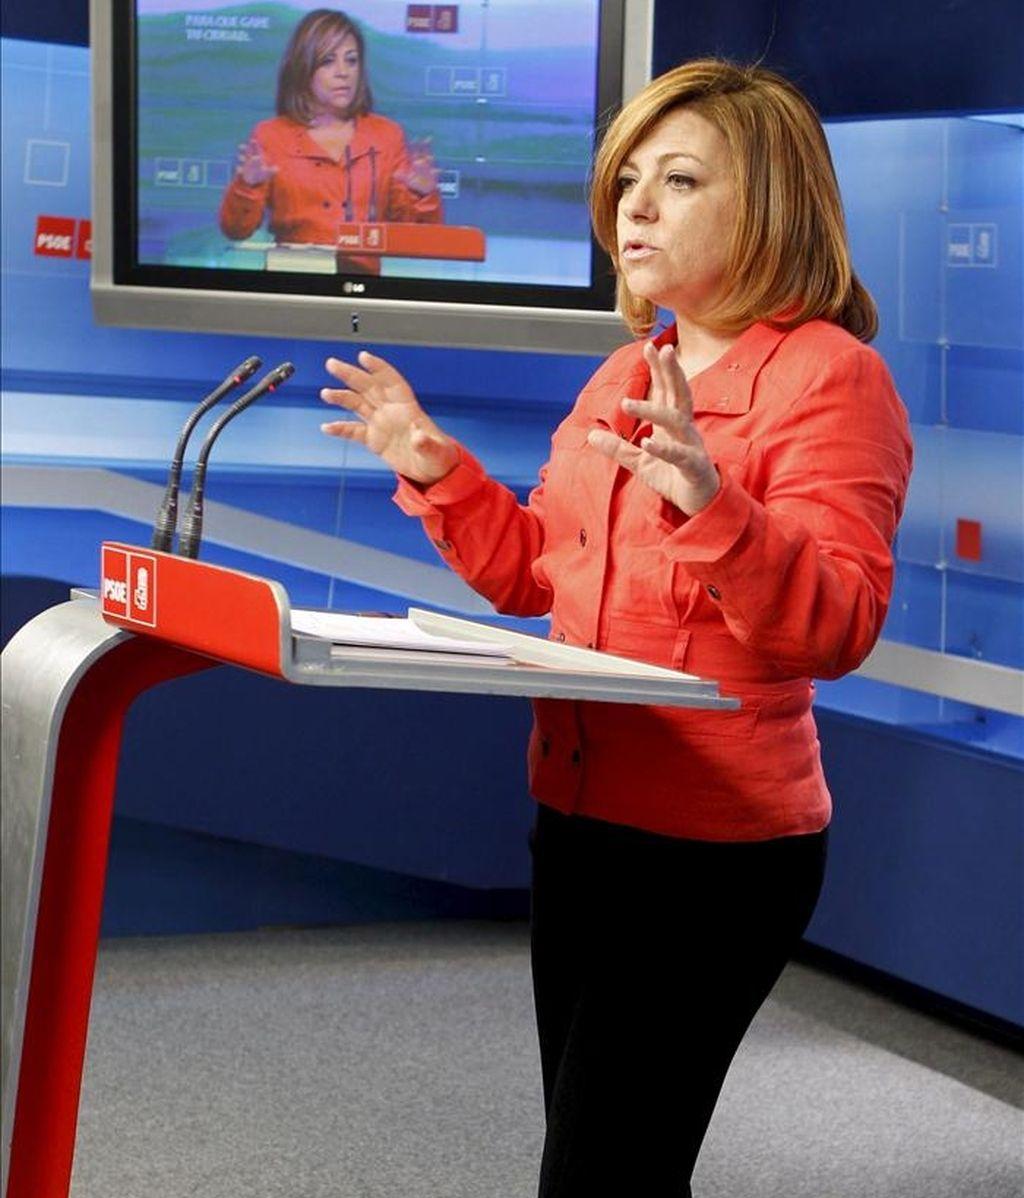 La portavoz del Comité Electoral del PSOE, Elena Valenciano, durante la rueda de prensa que ofreció hoy en la sede del partido, en Madrid, tras la reunión de este órgano. EFE